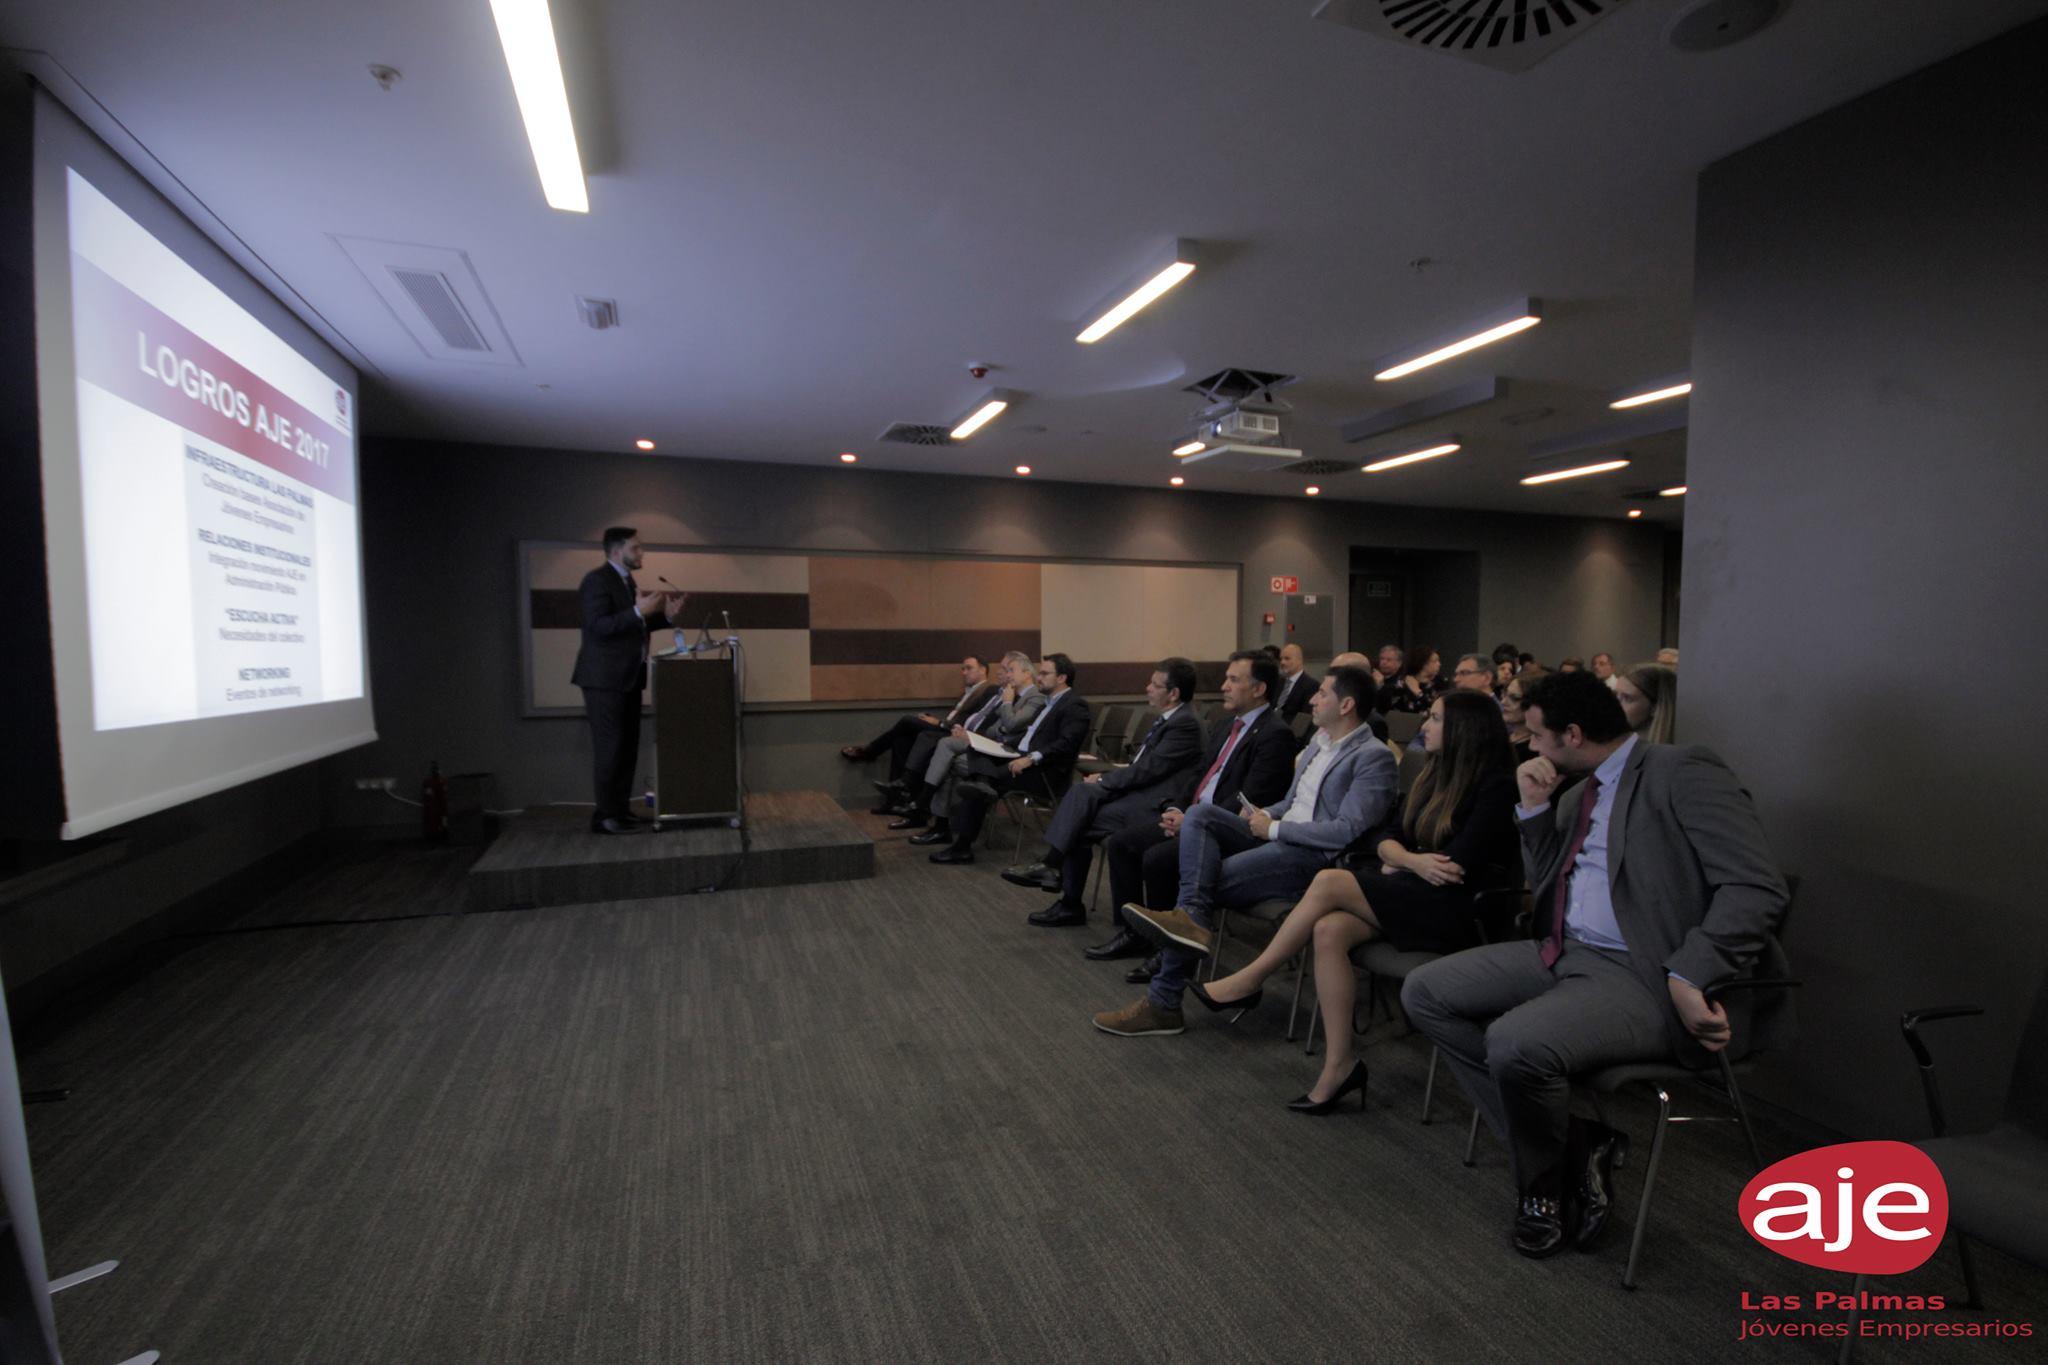 Pedro Andueza Avero en la presentación del programa AJE Las Palmas 2018